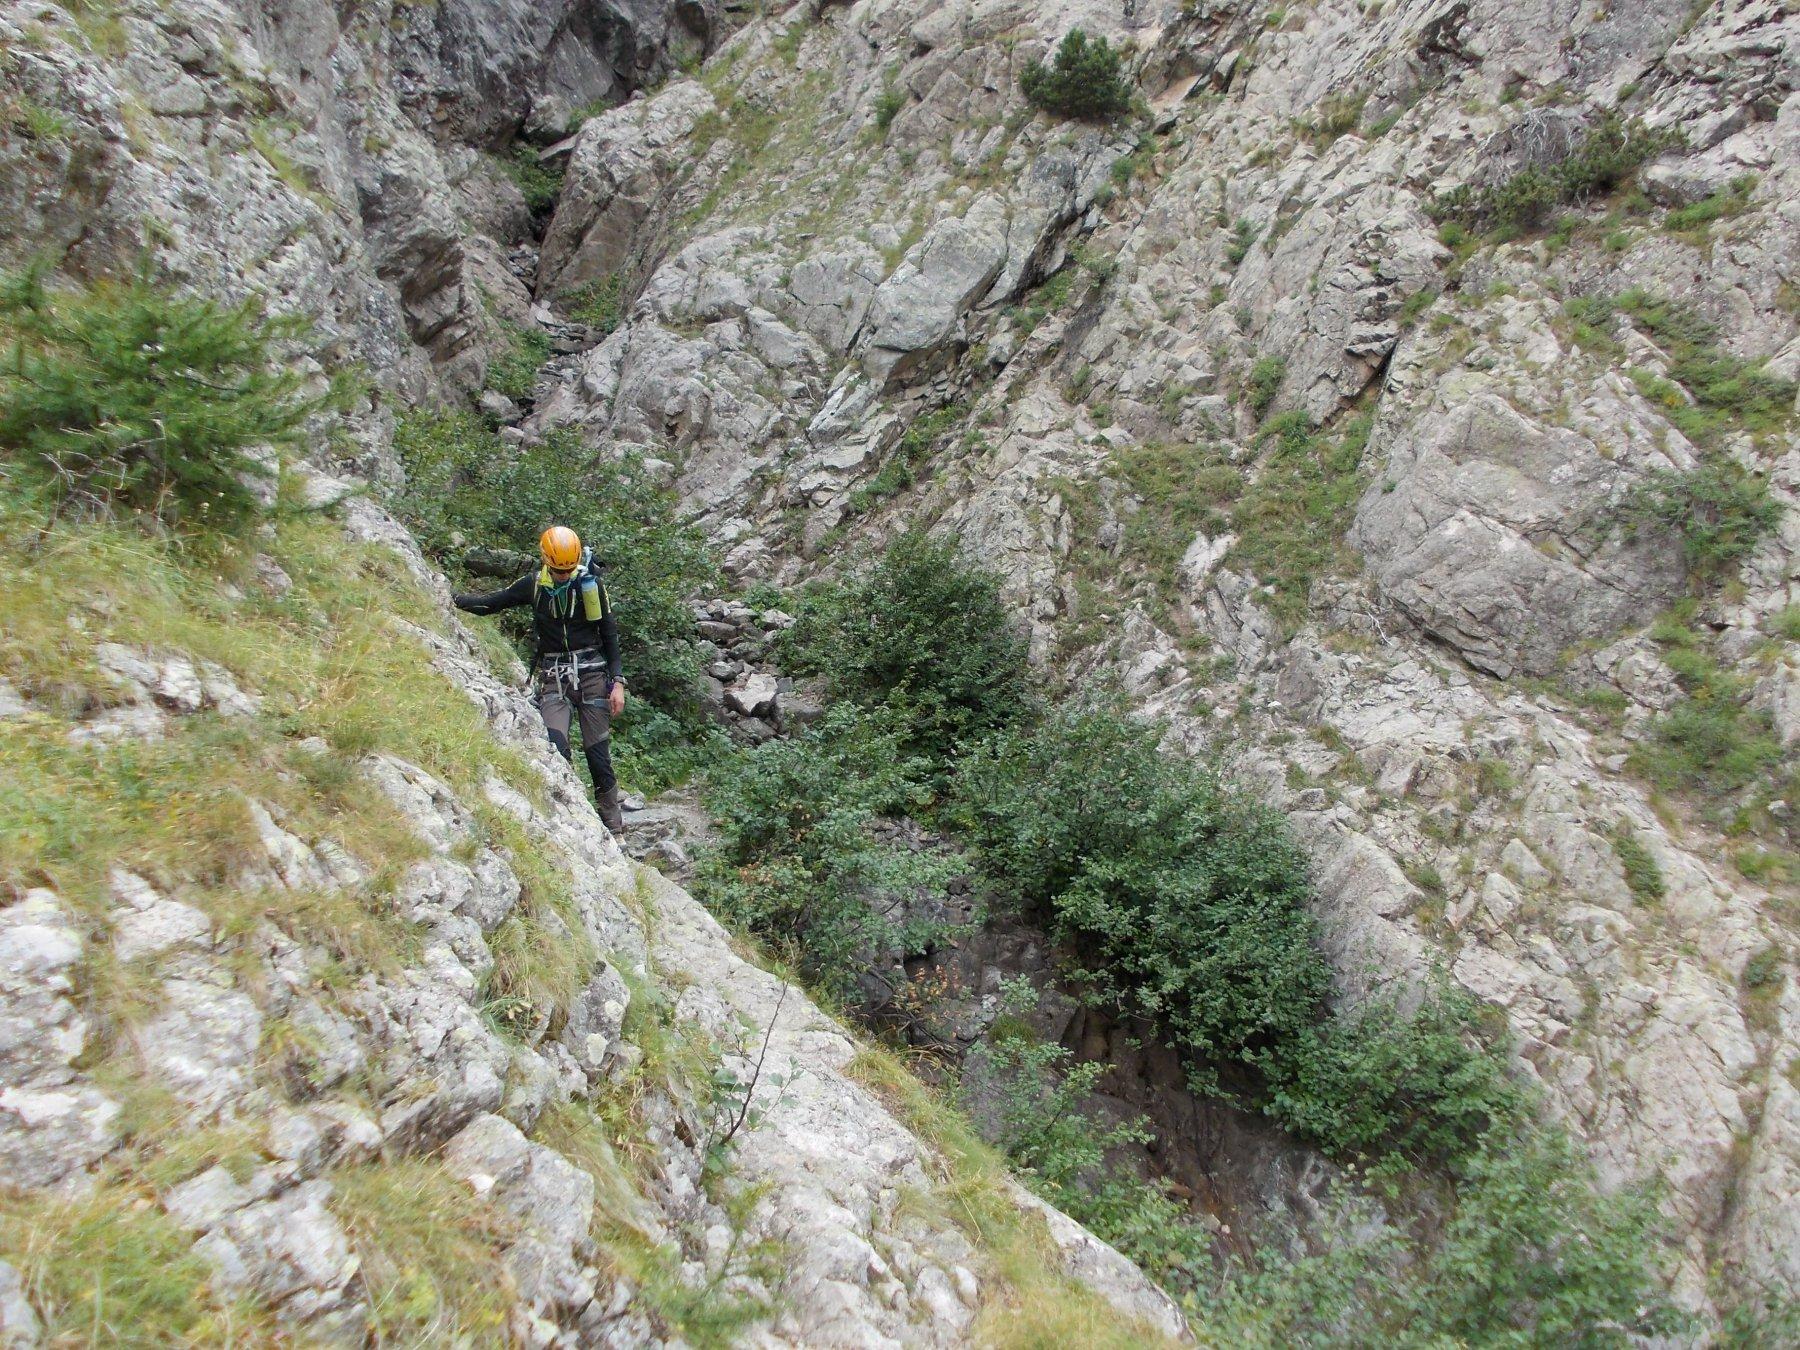 Le Vire d' Ailefroide dopo il canalone boscoso. Il tratto iper esposto è a pochi metri!!